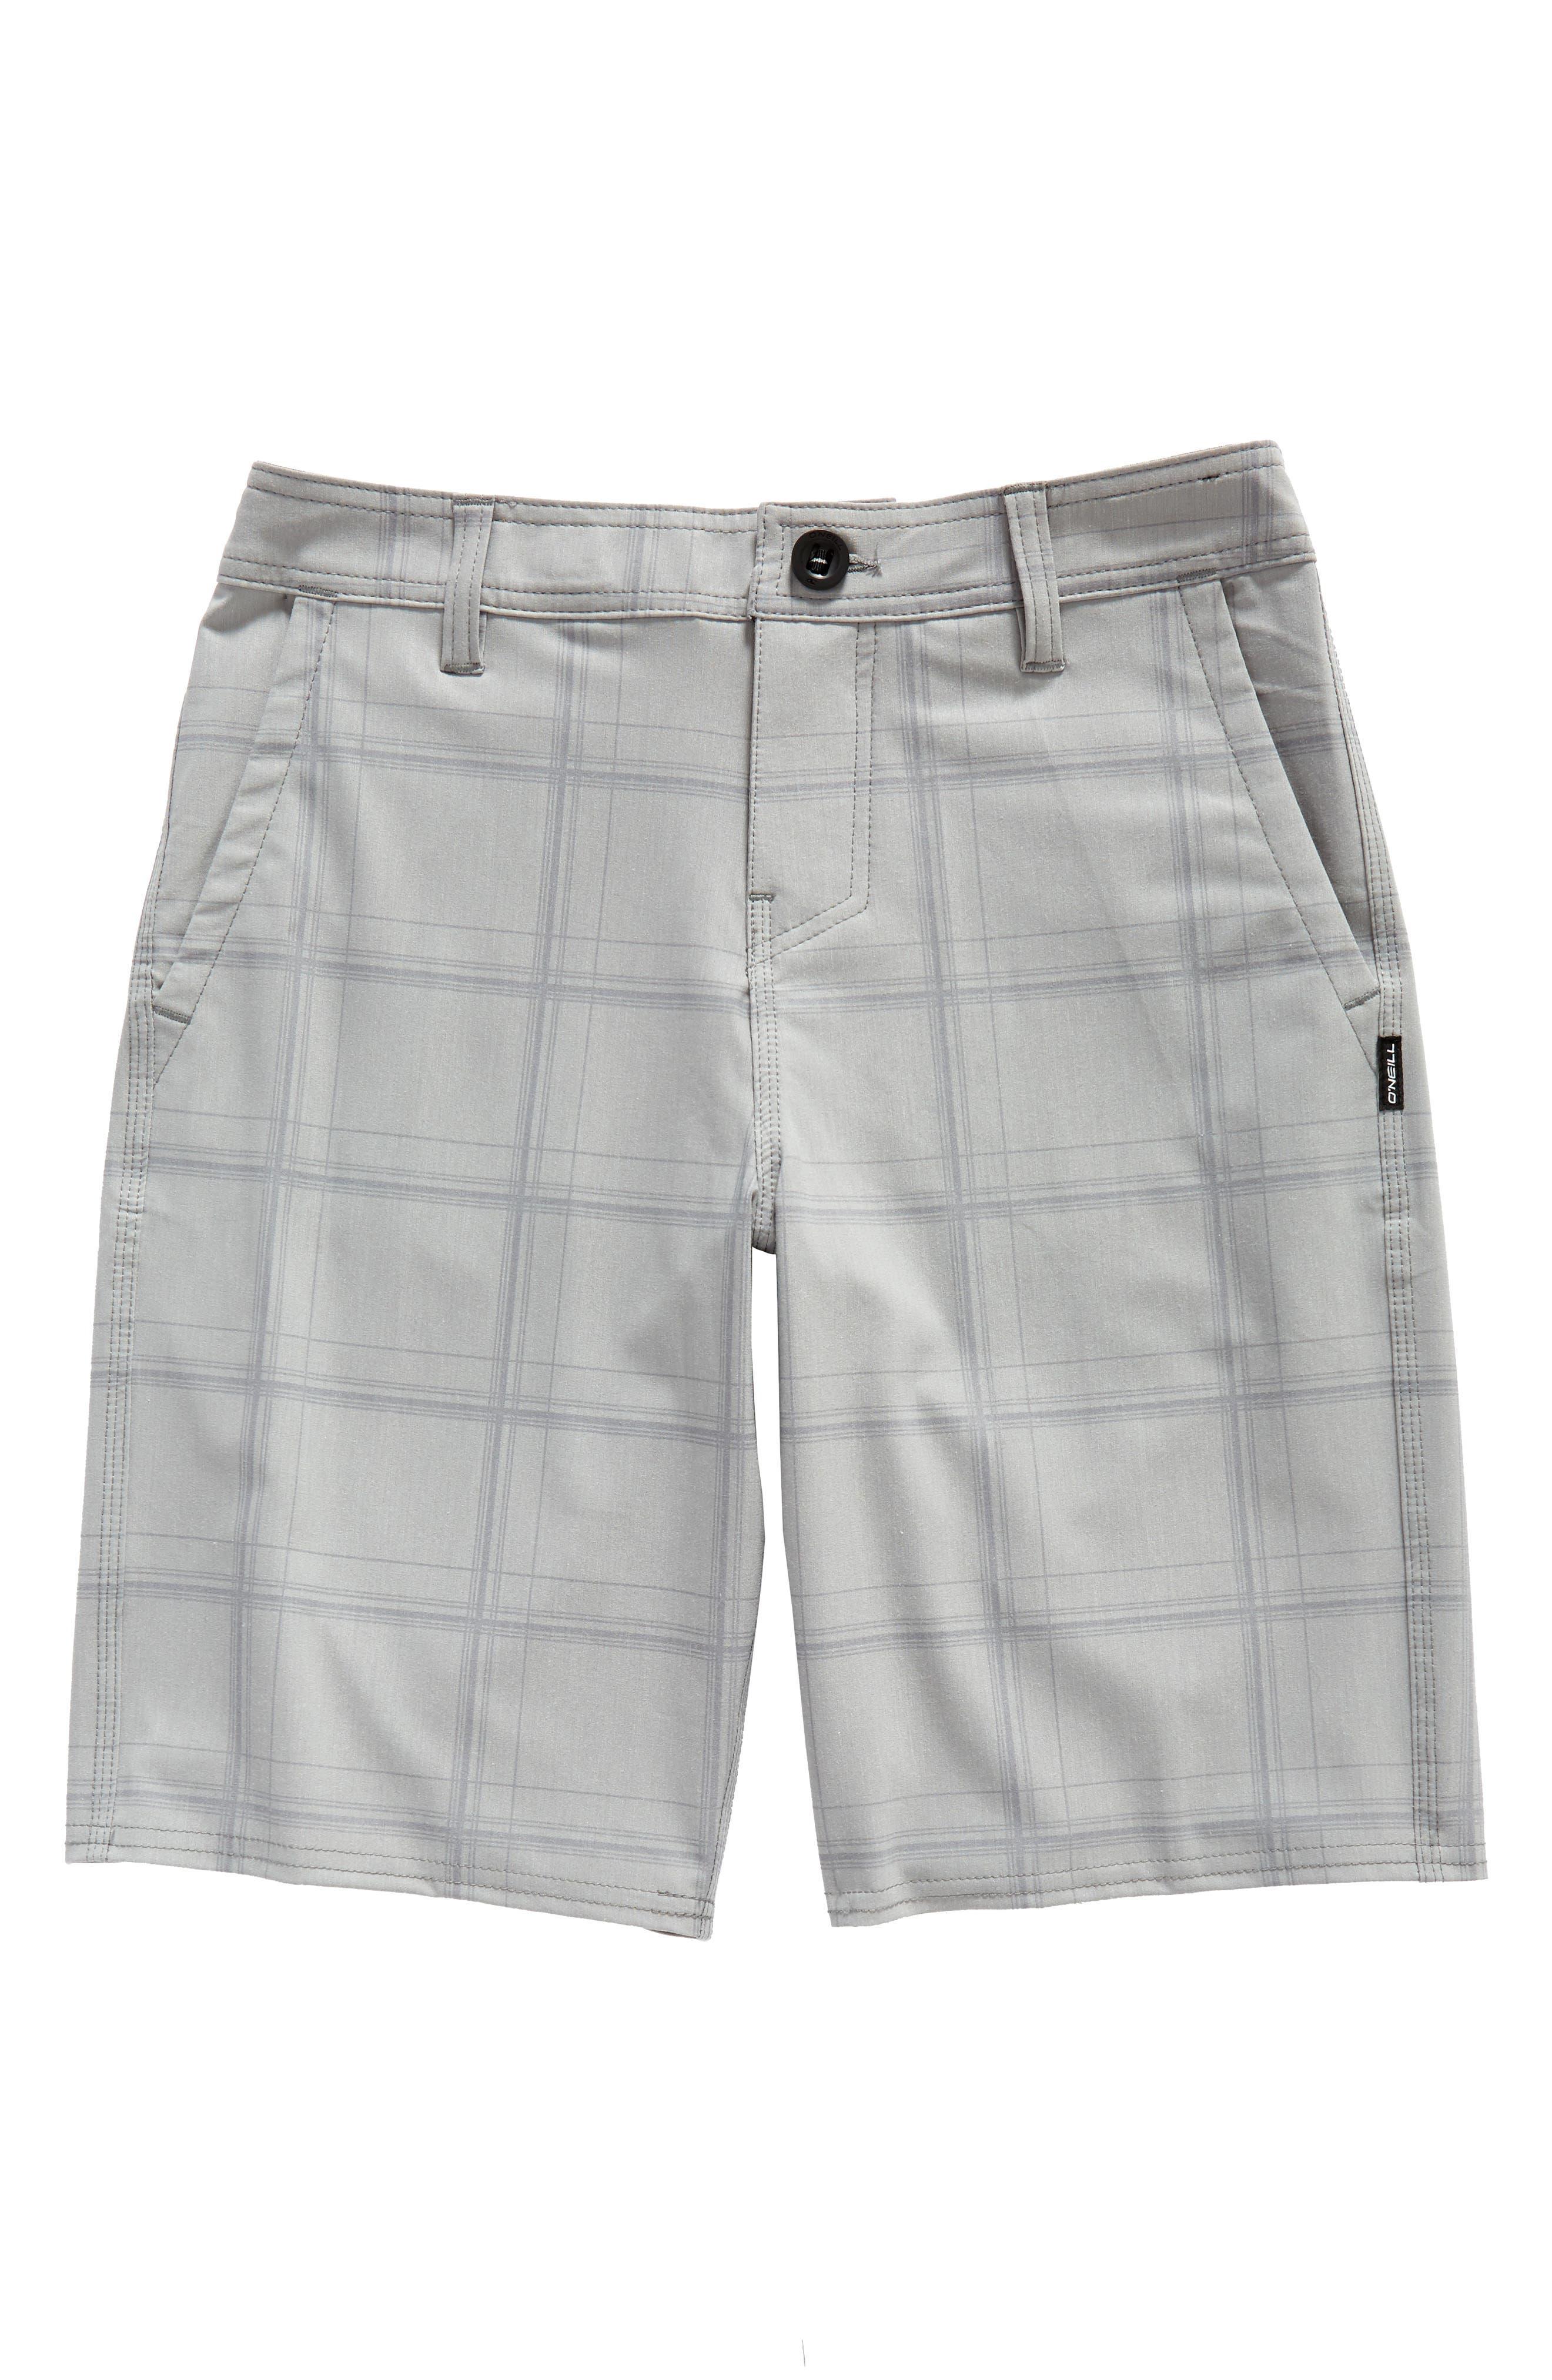 Main Image - O'Neill Mixed Hybrid Shorts (Big Boys)